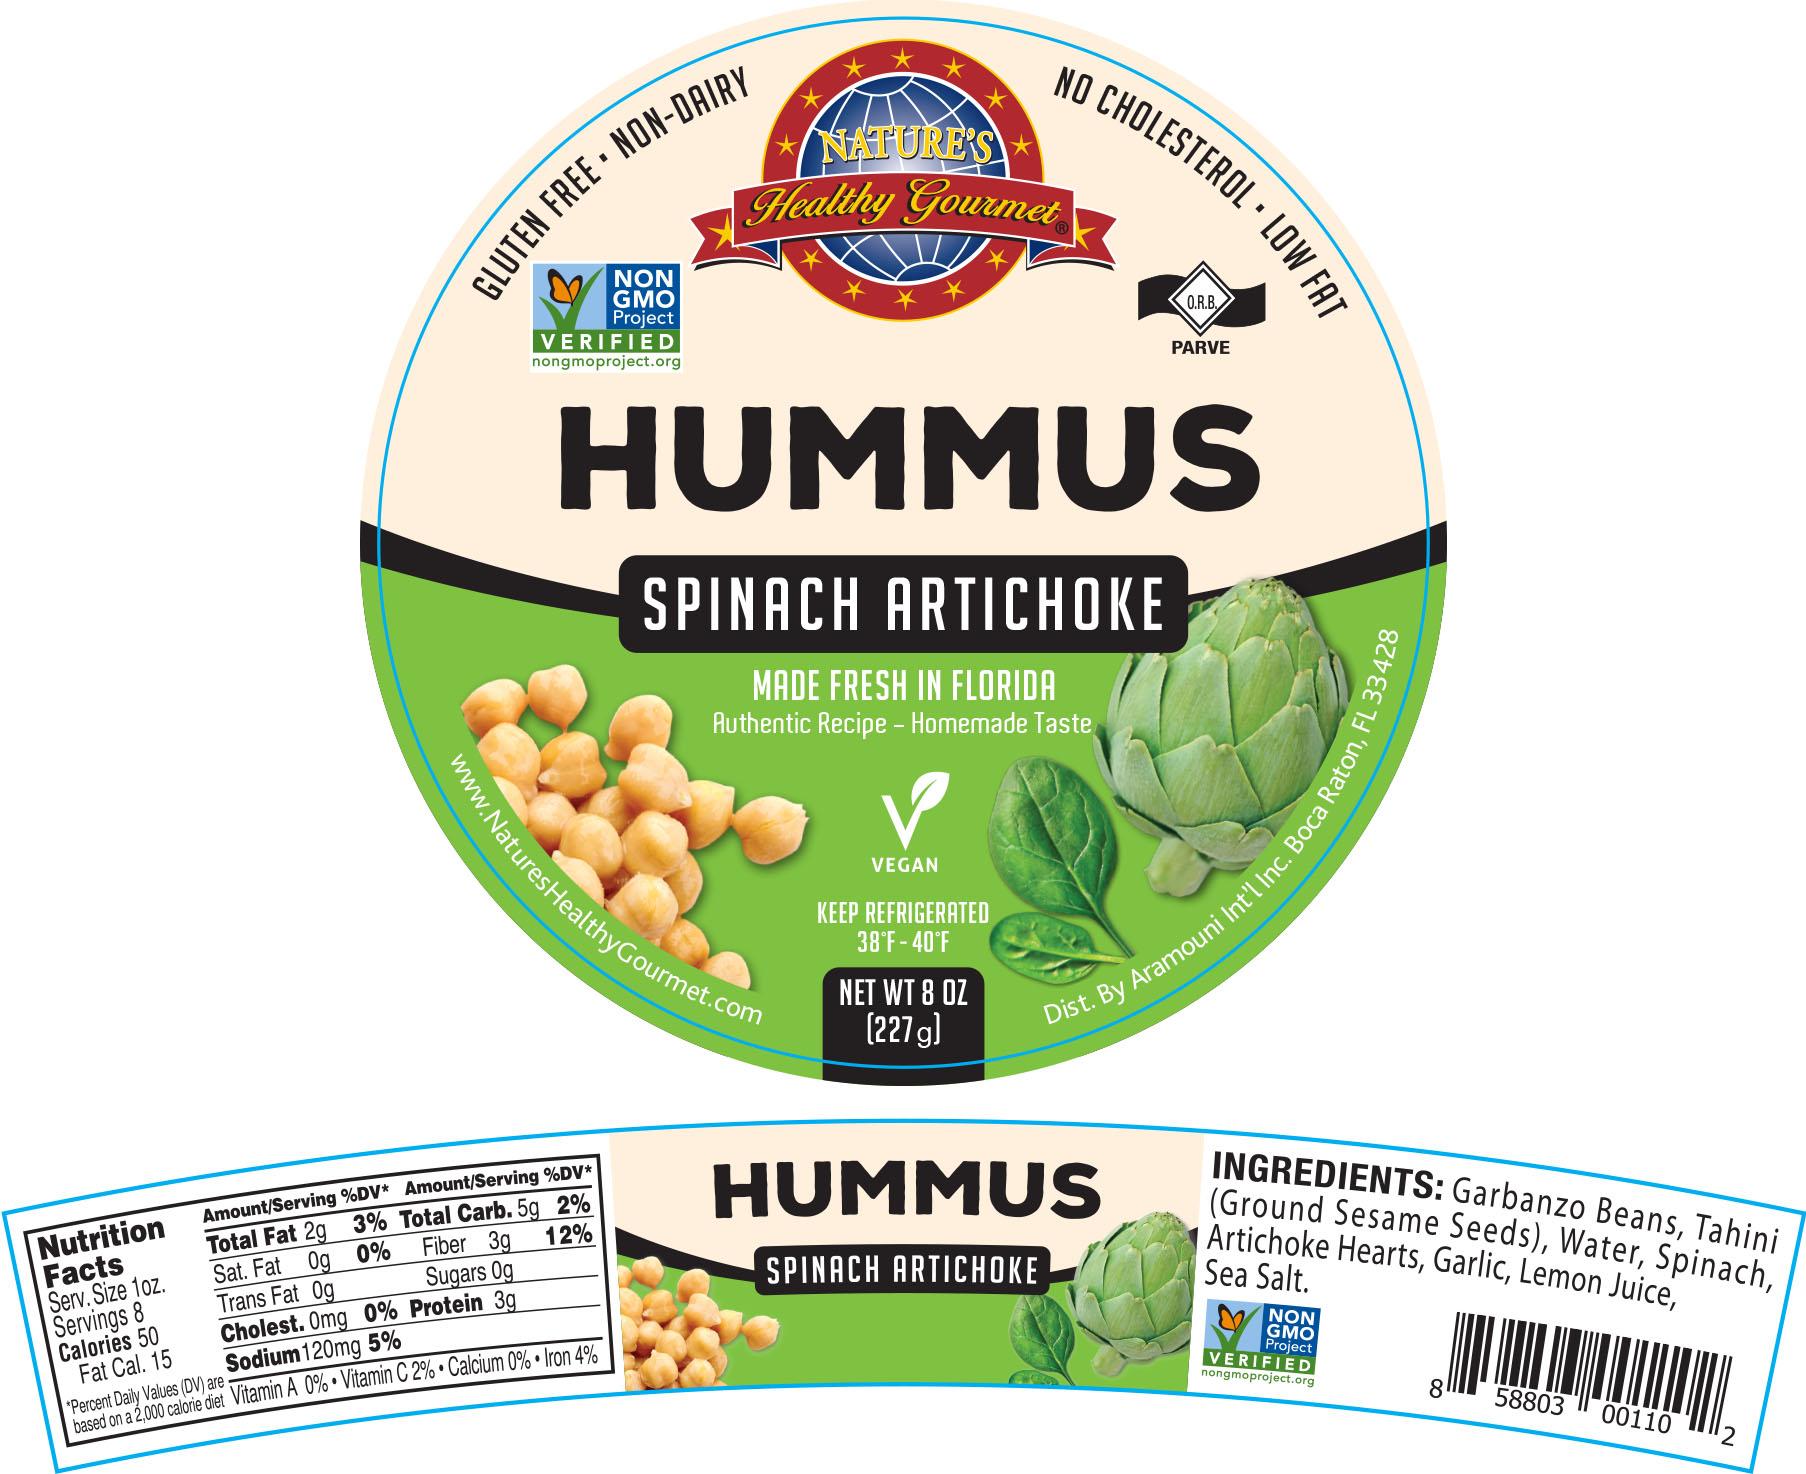 Nature's Spinach Artichoke Hummus